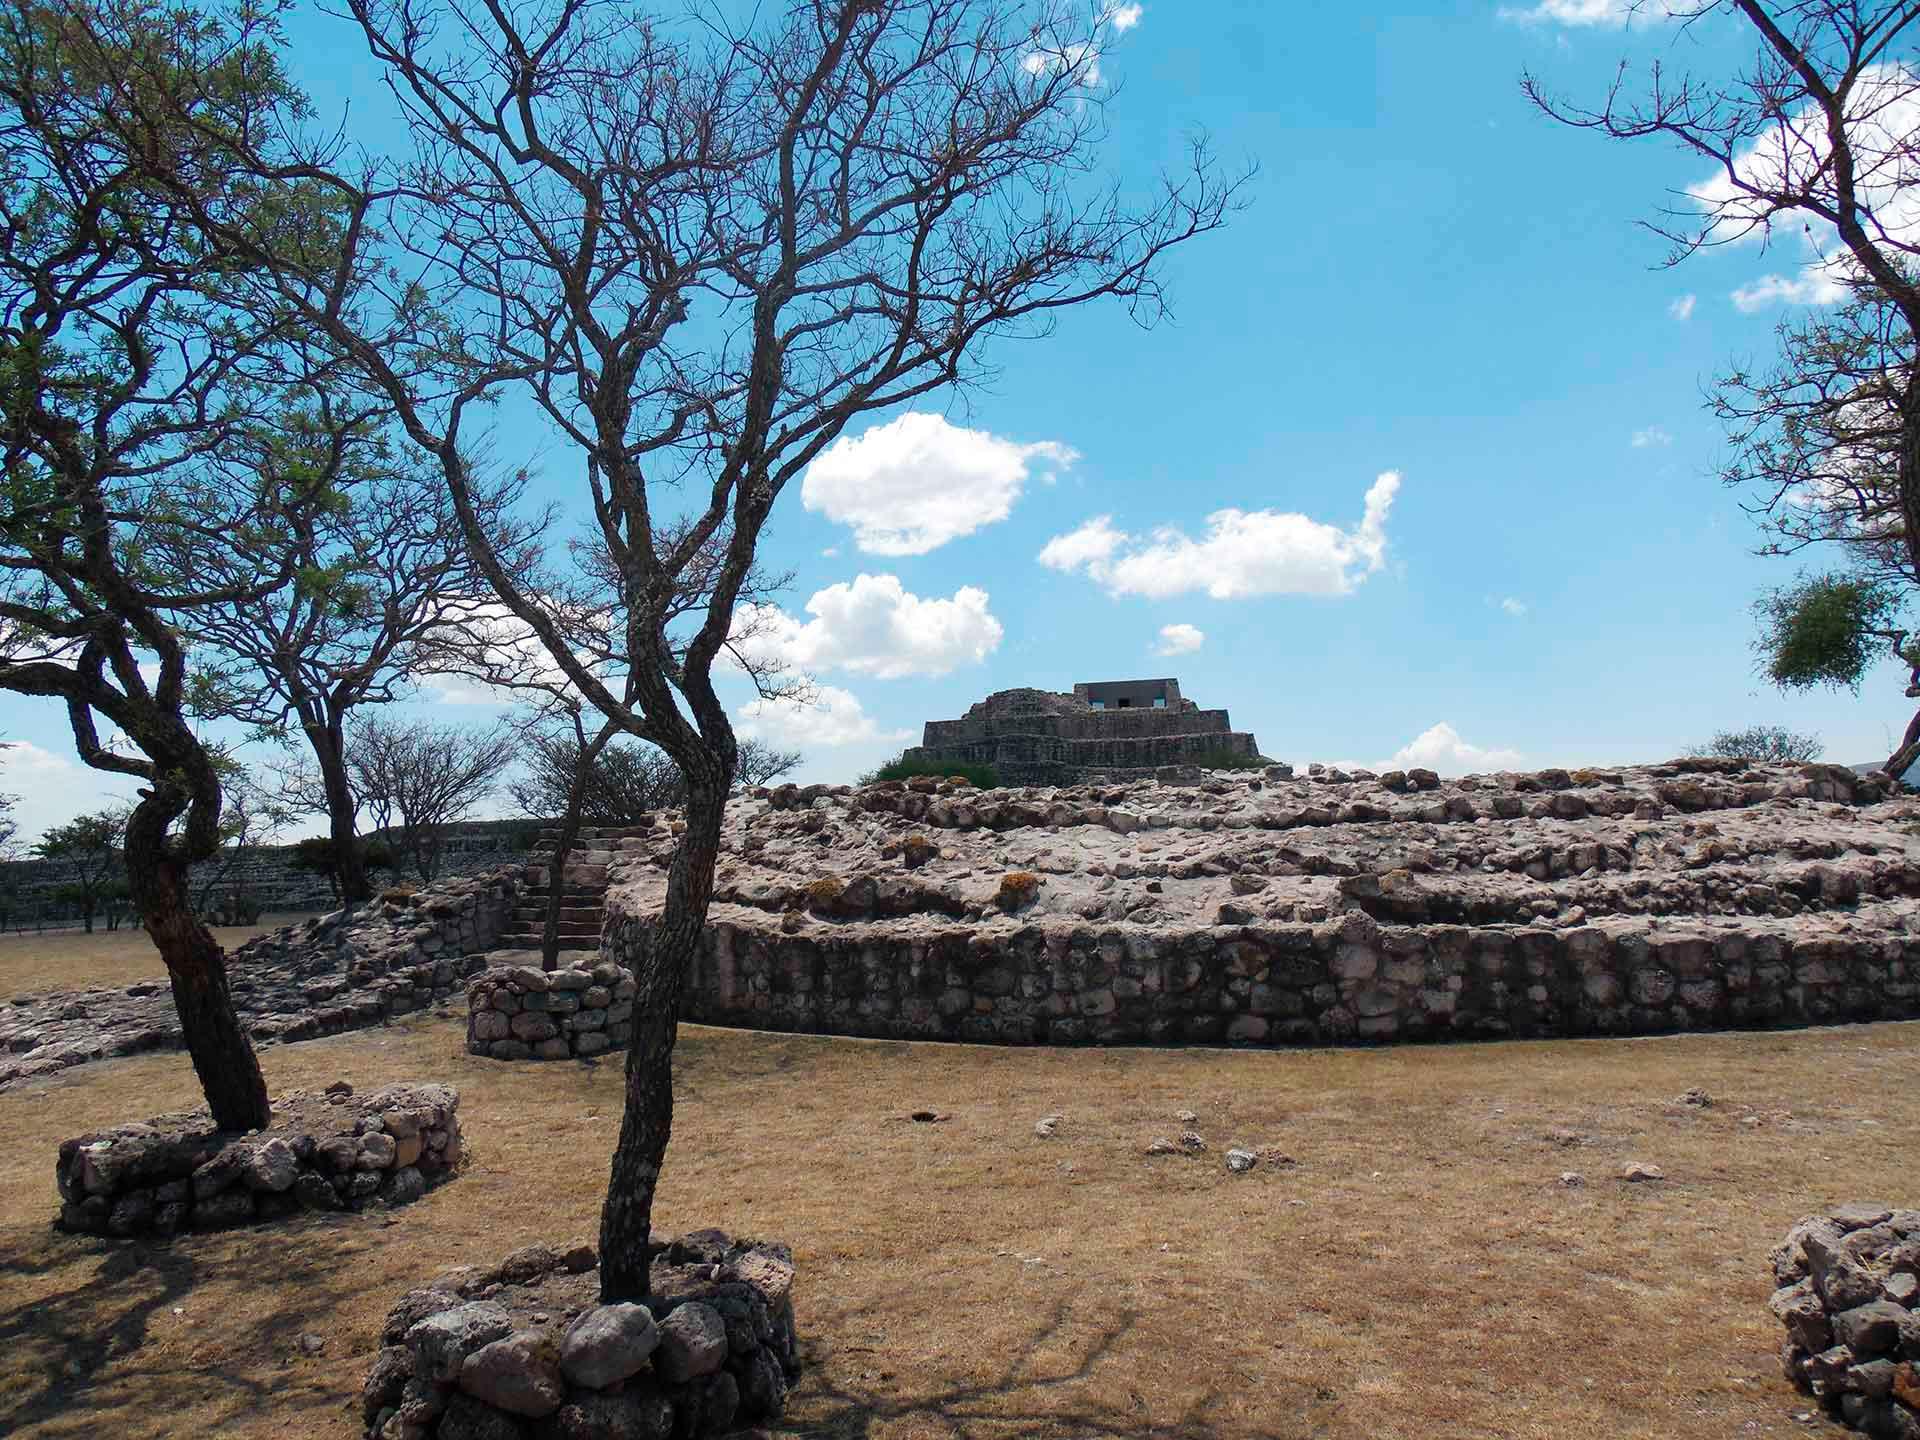 Zonas arqueológicas Cañada de la virgen